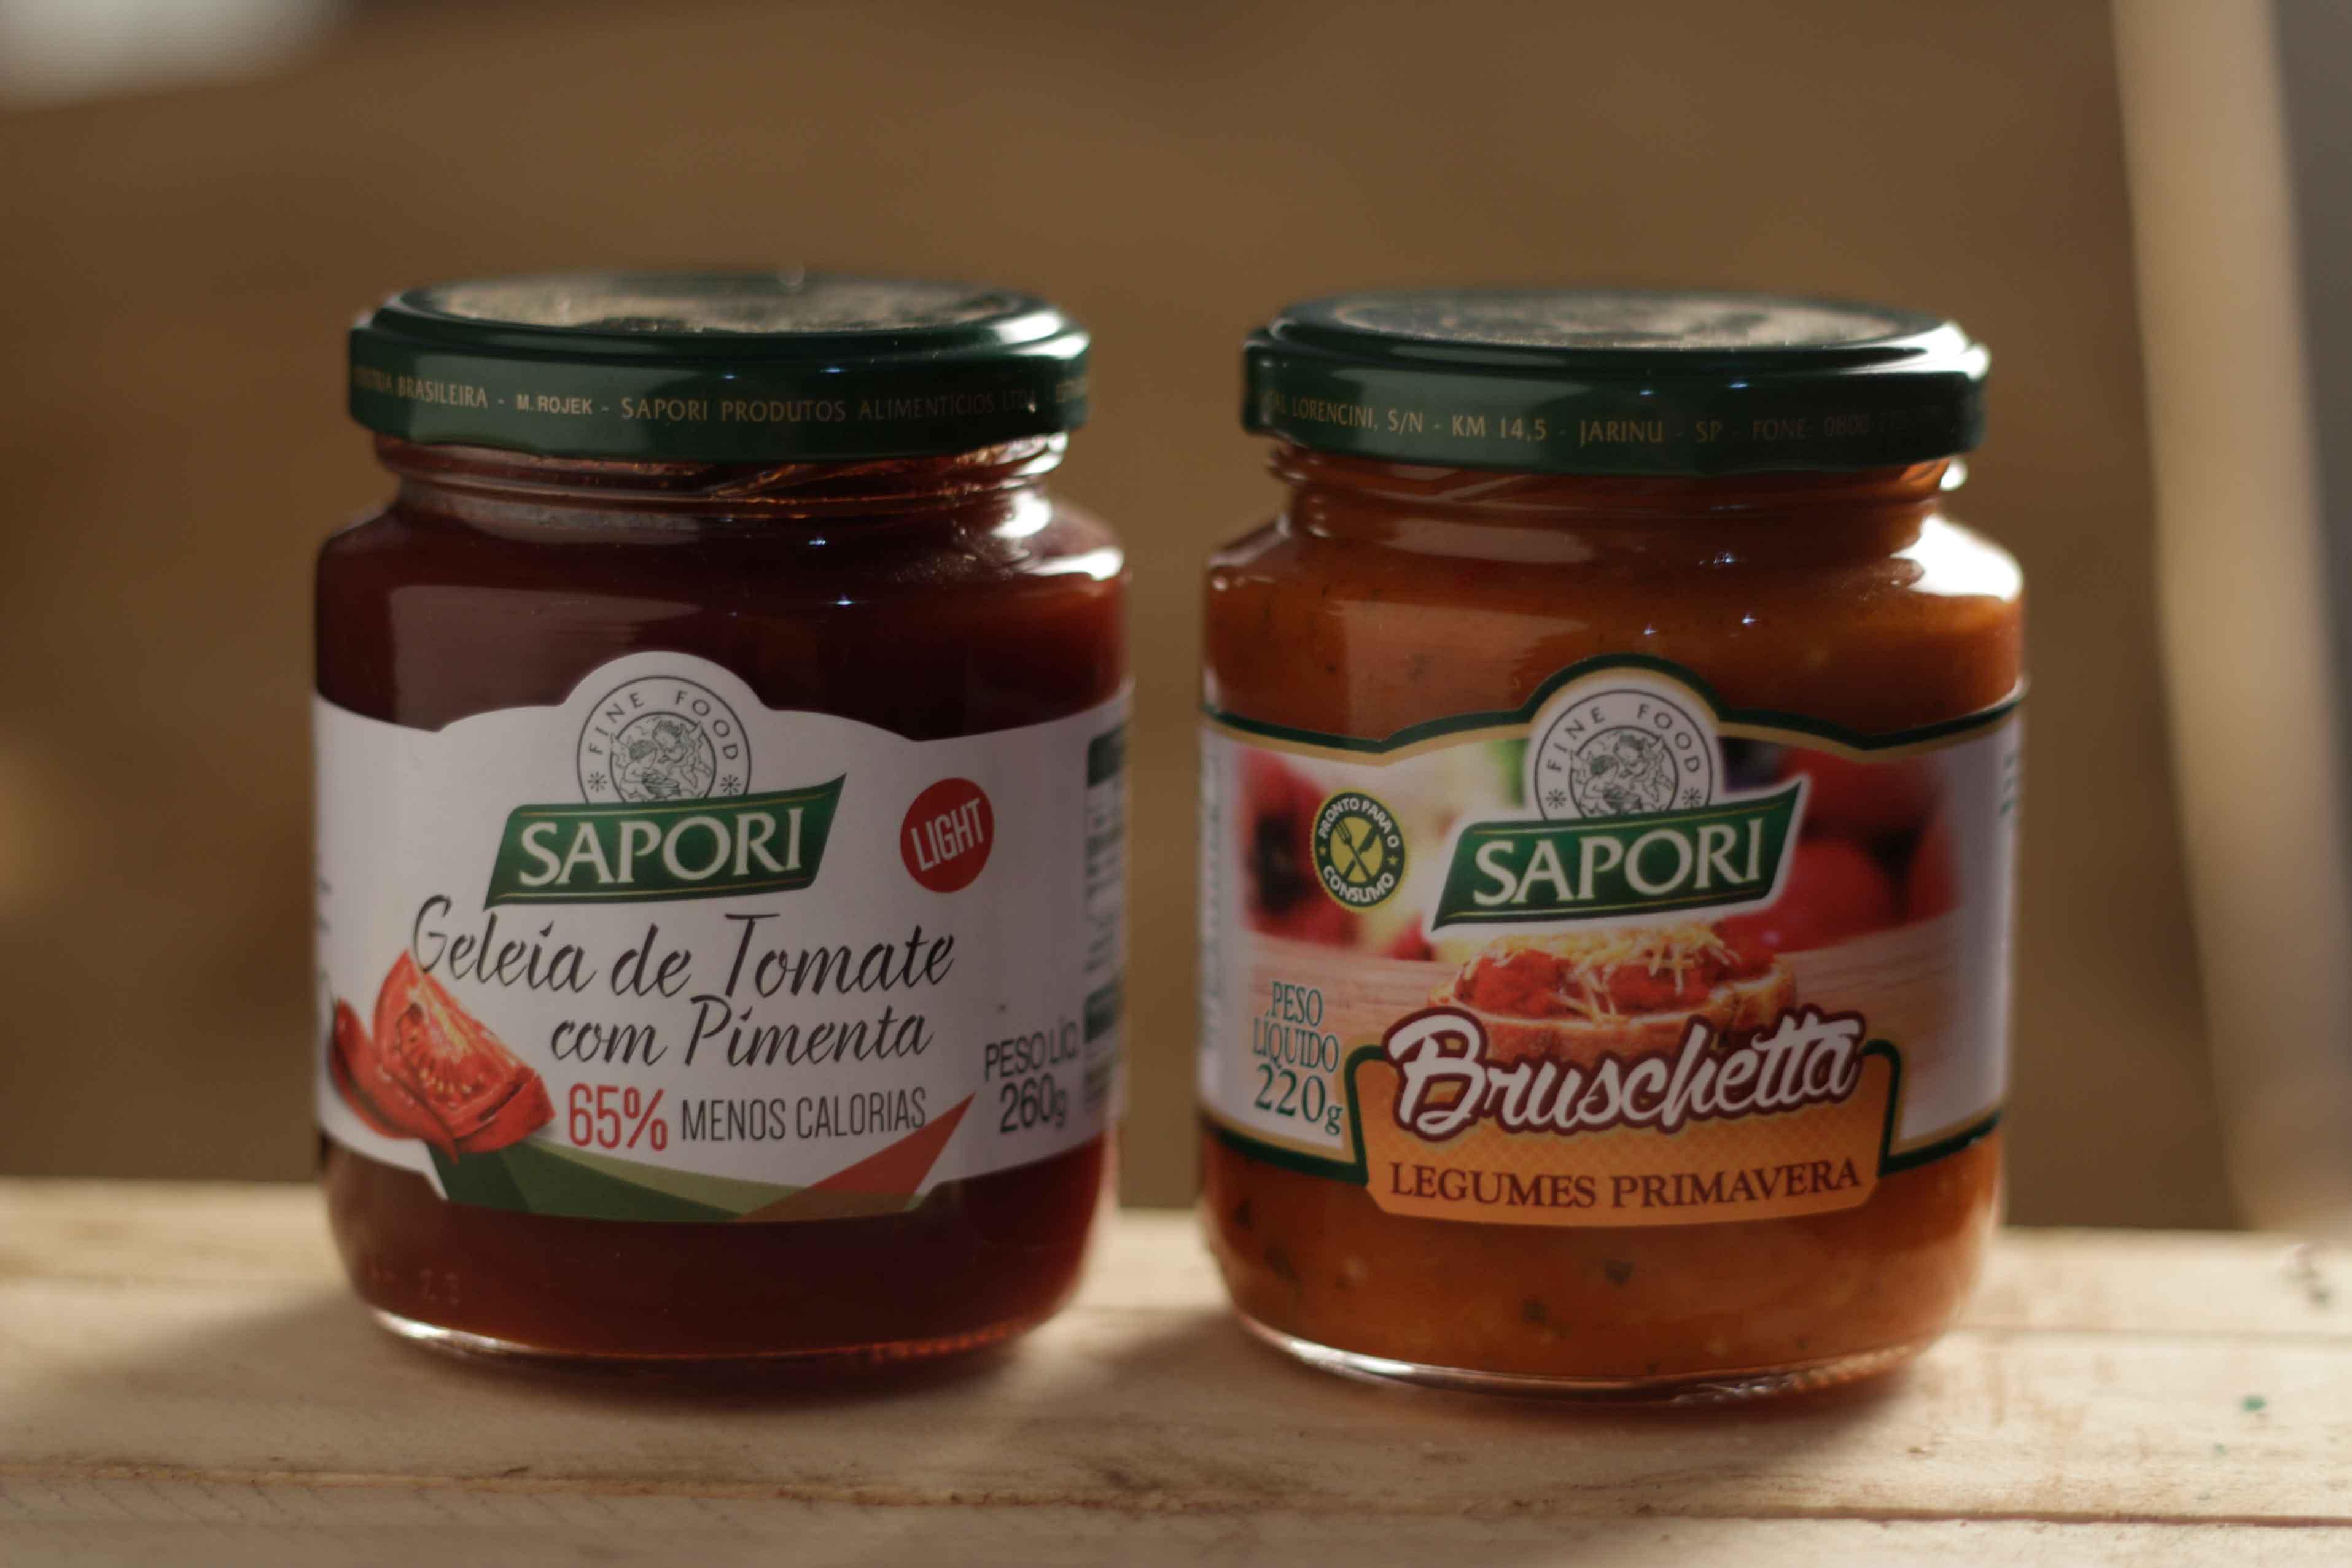 jarinu-gastronomia-aromas-sapori-_MG_3146-bx